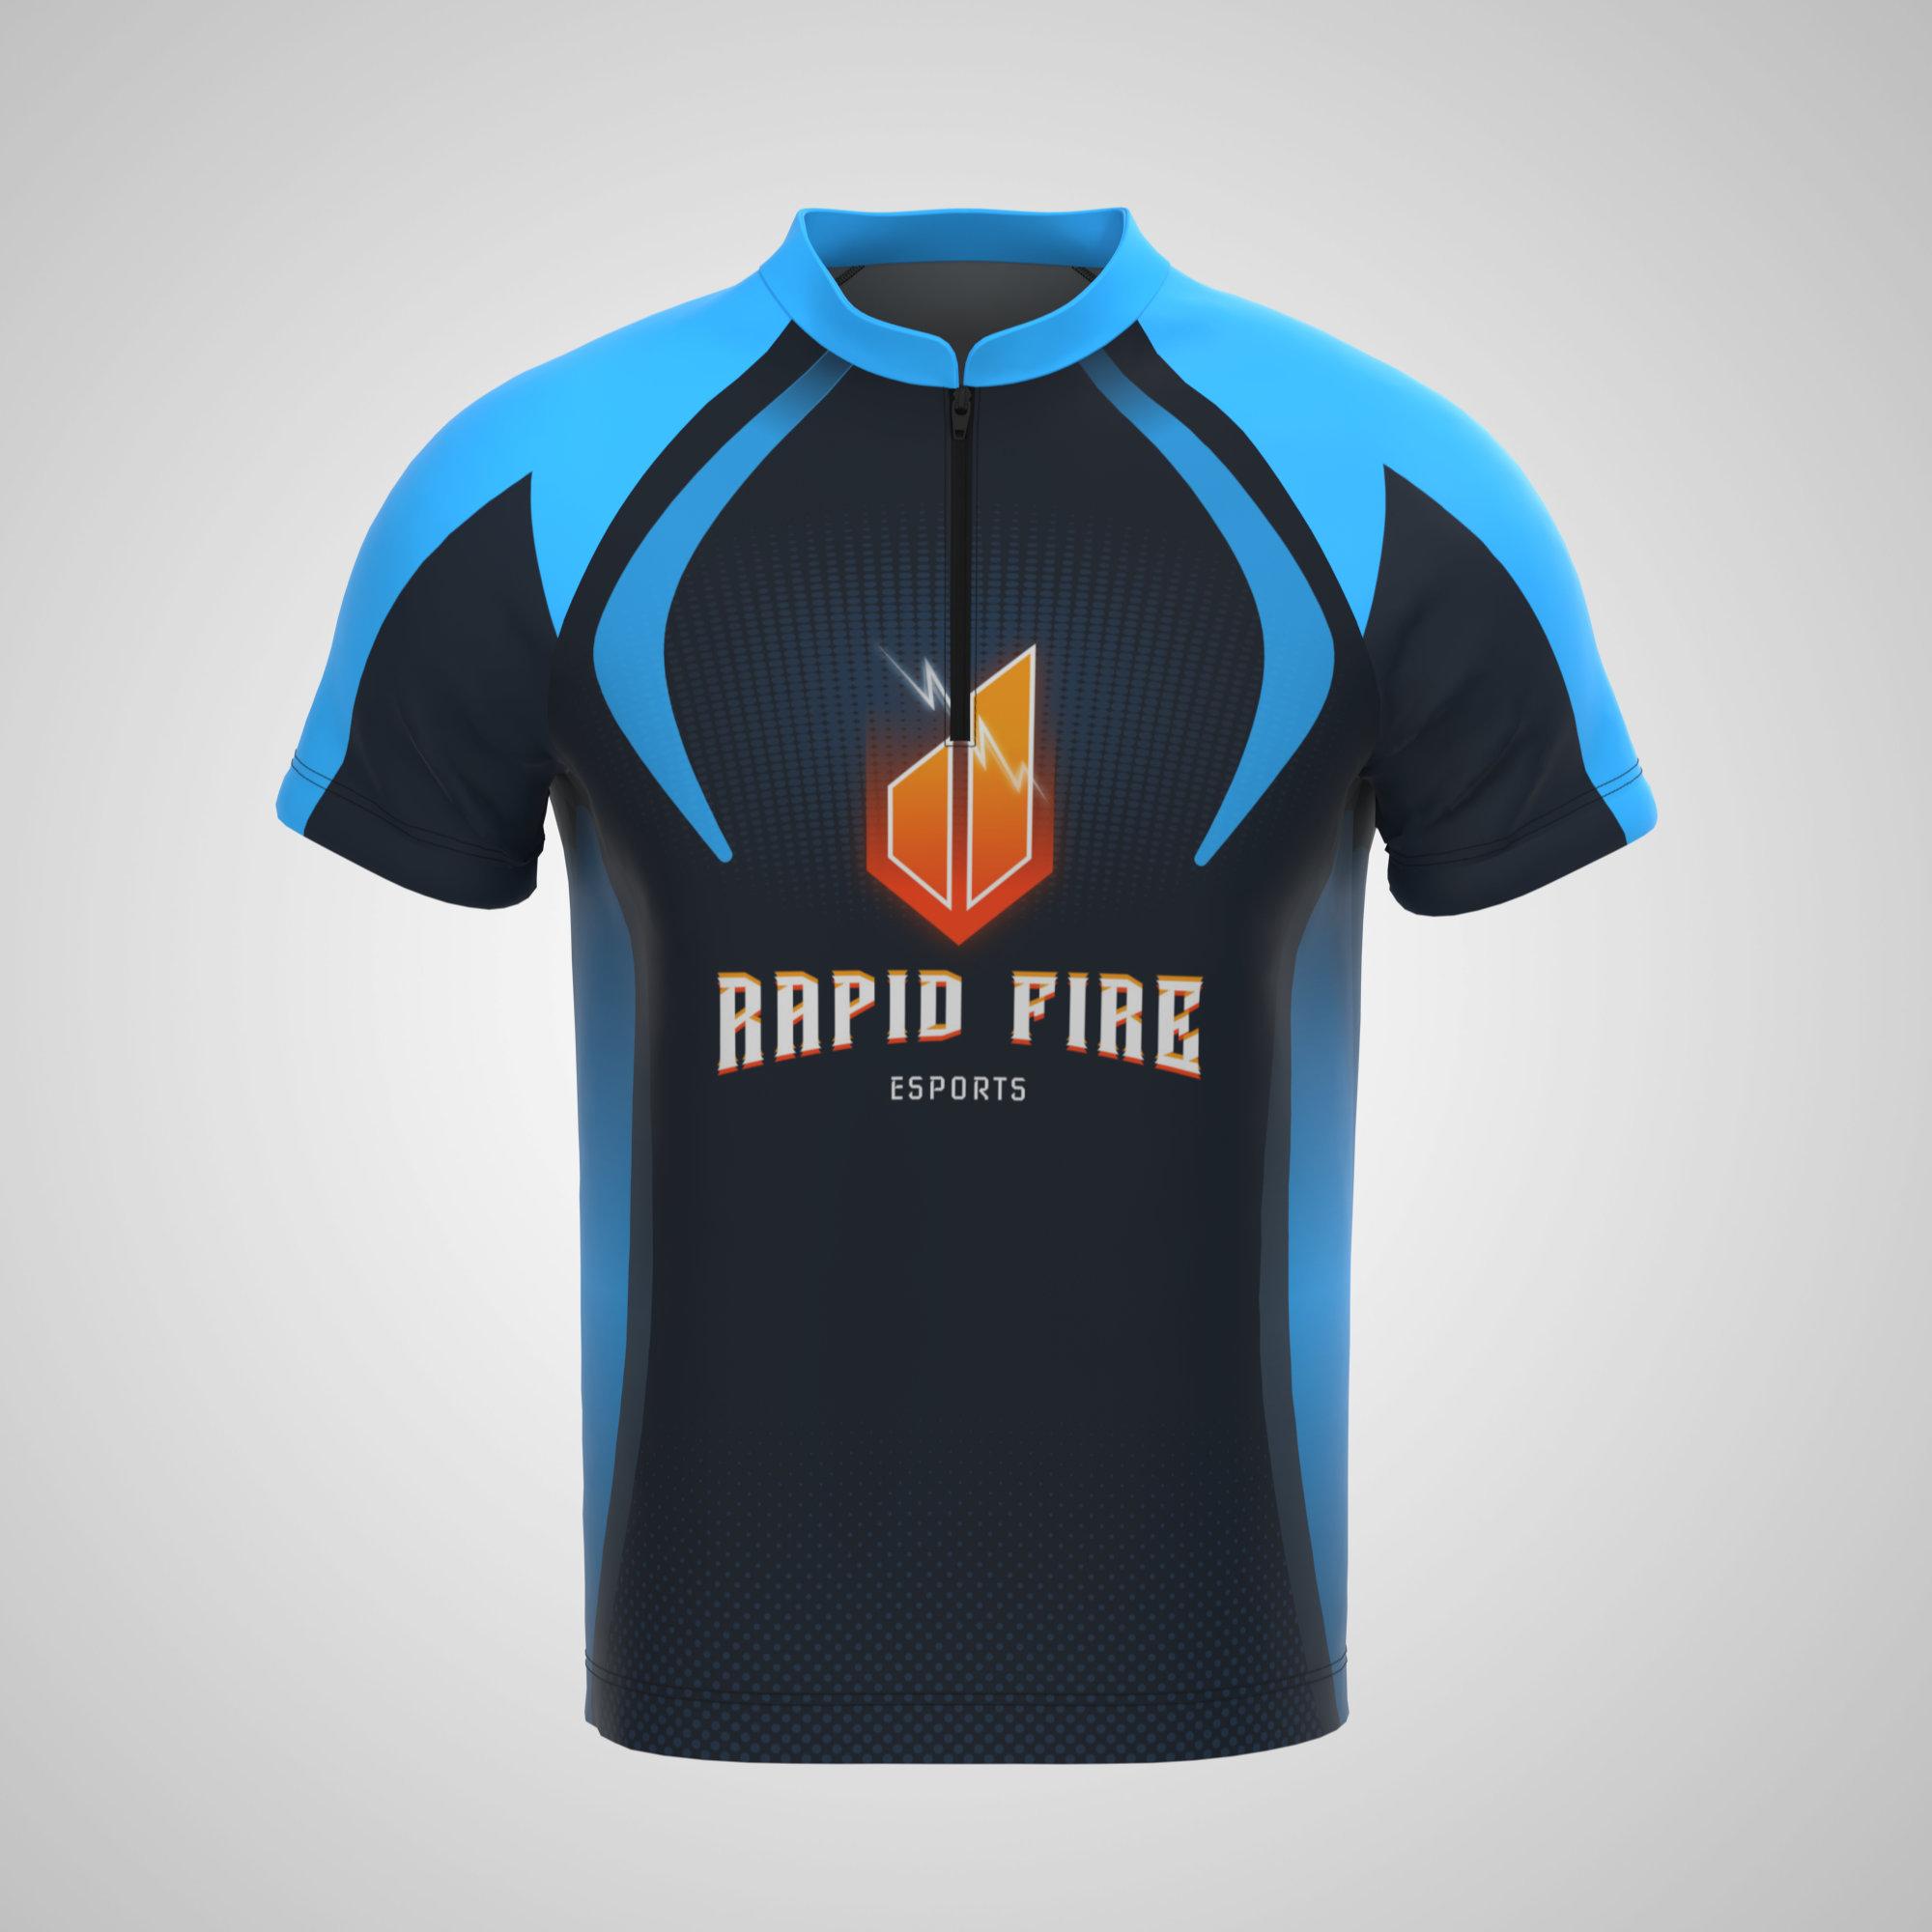 Esport Jersey - Mandarin Collar with Zipper